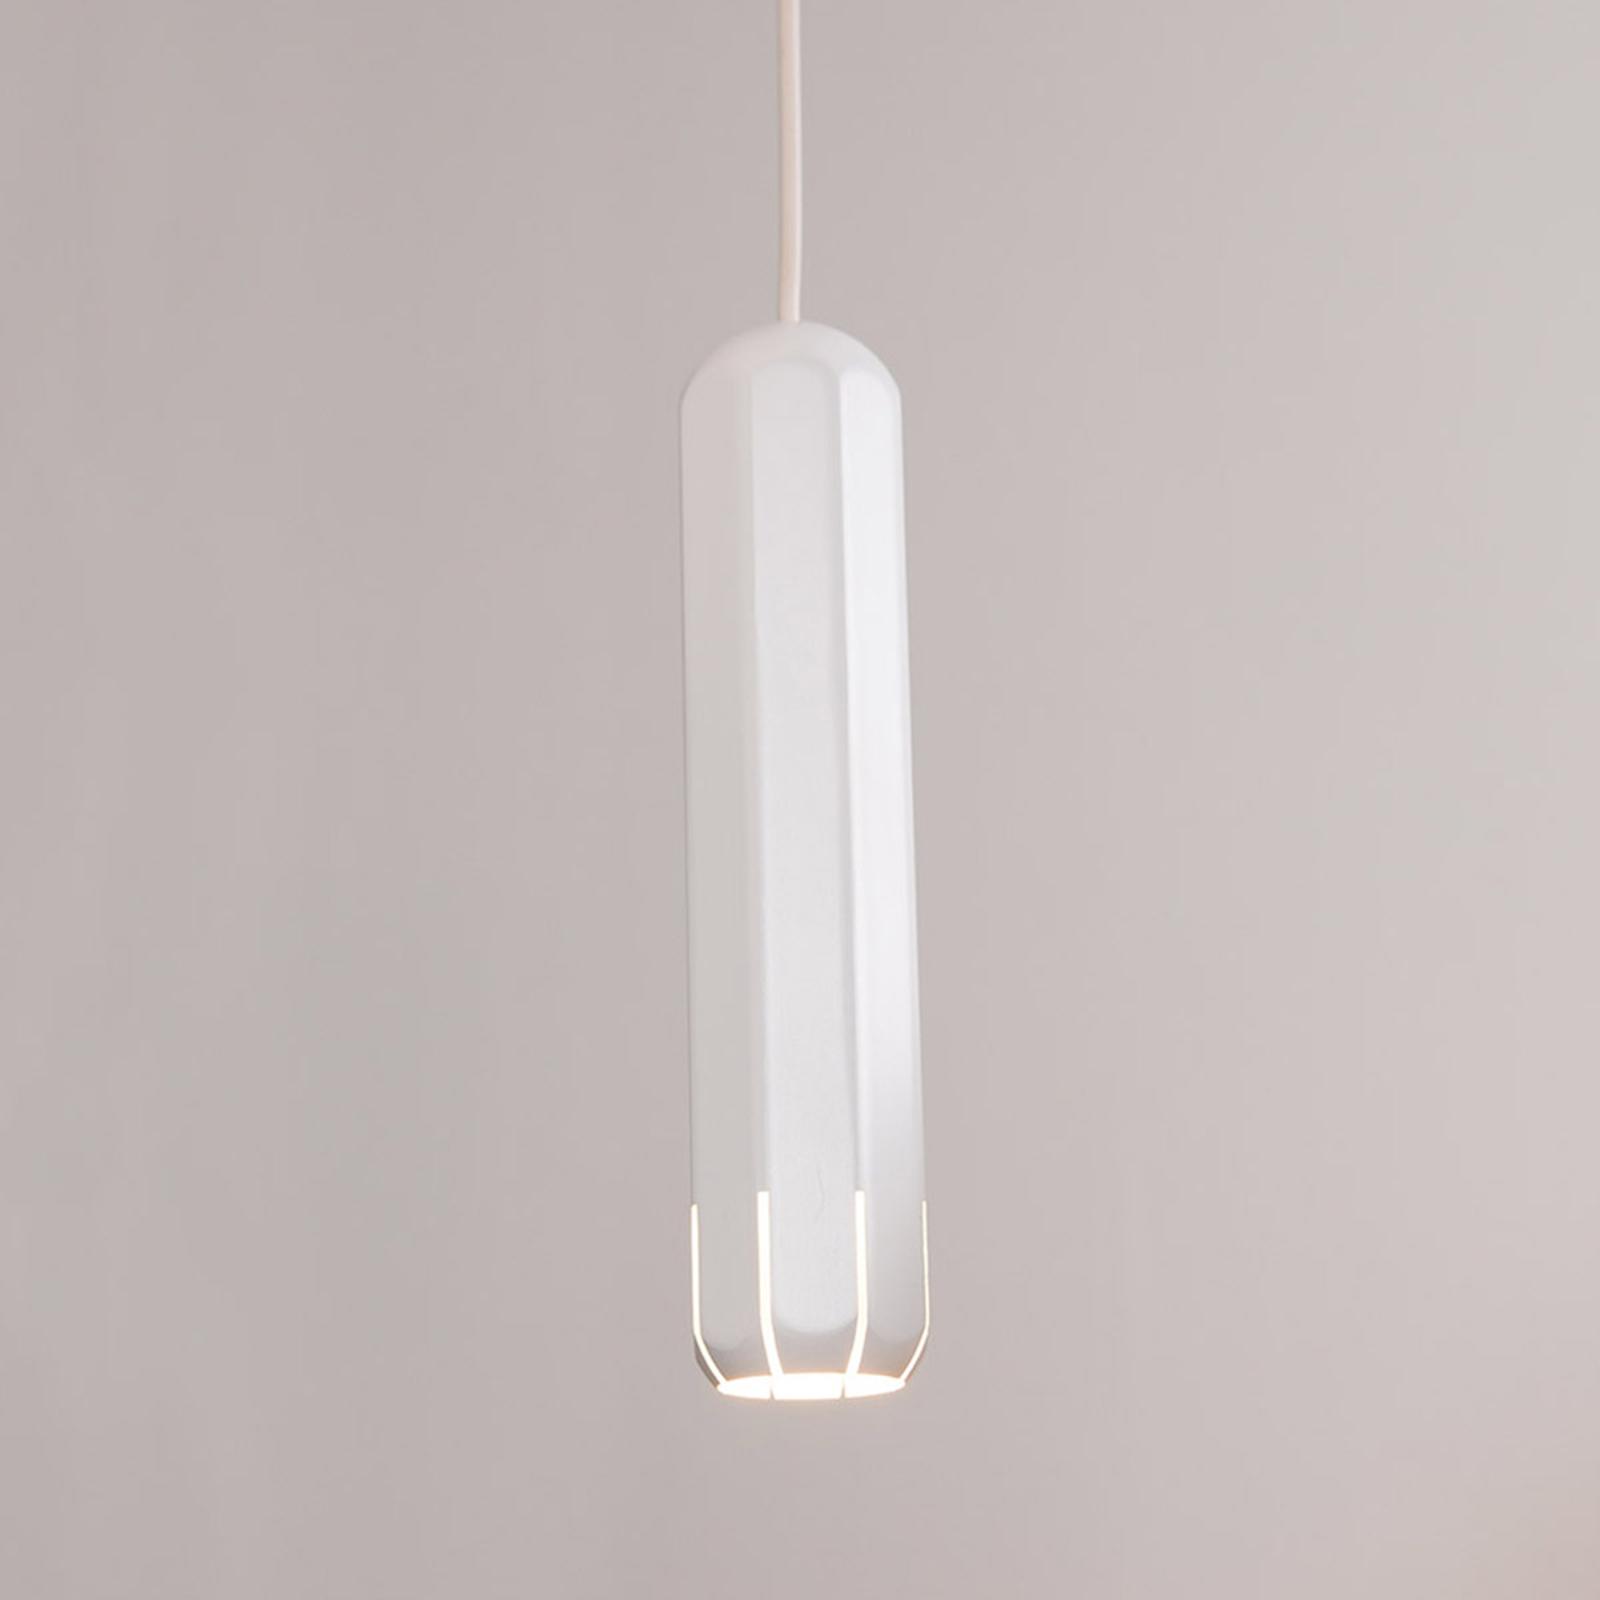 Innermost Brixton Spot 20 lampa wisząca LED, biała